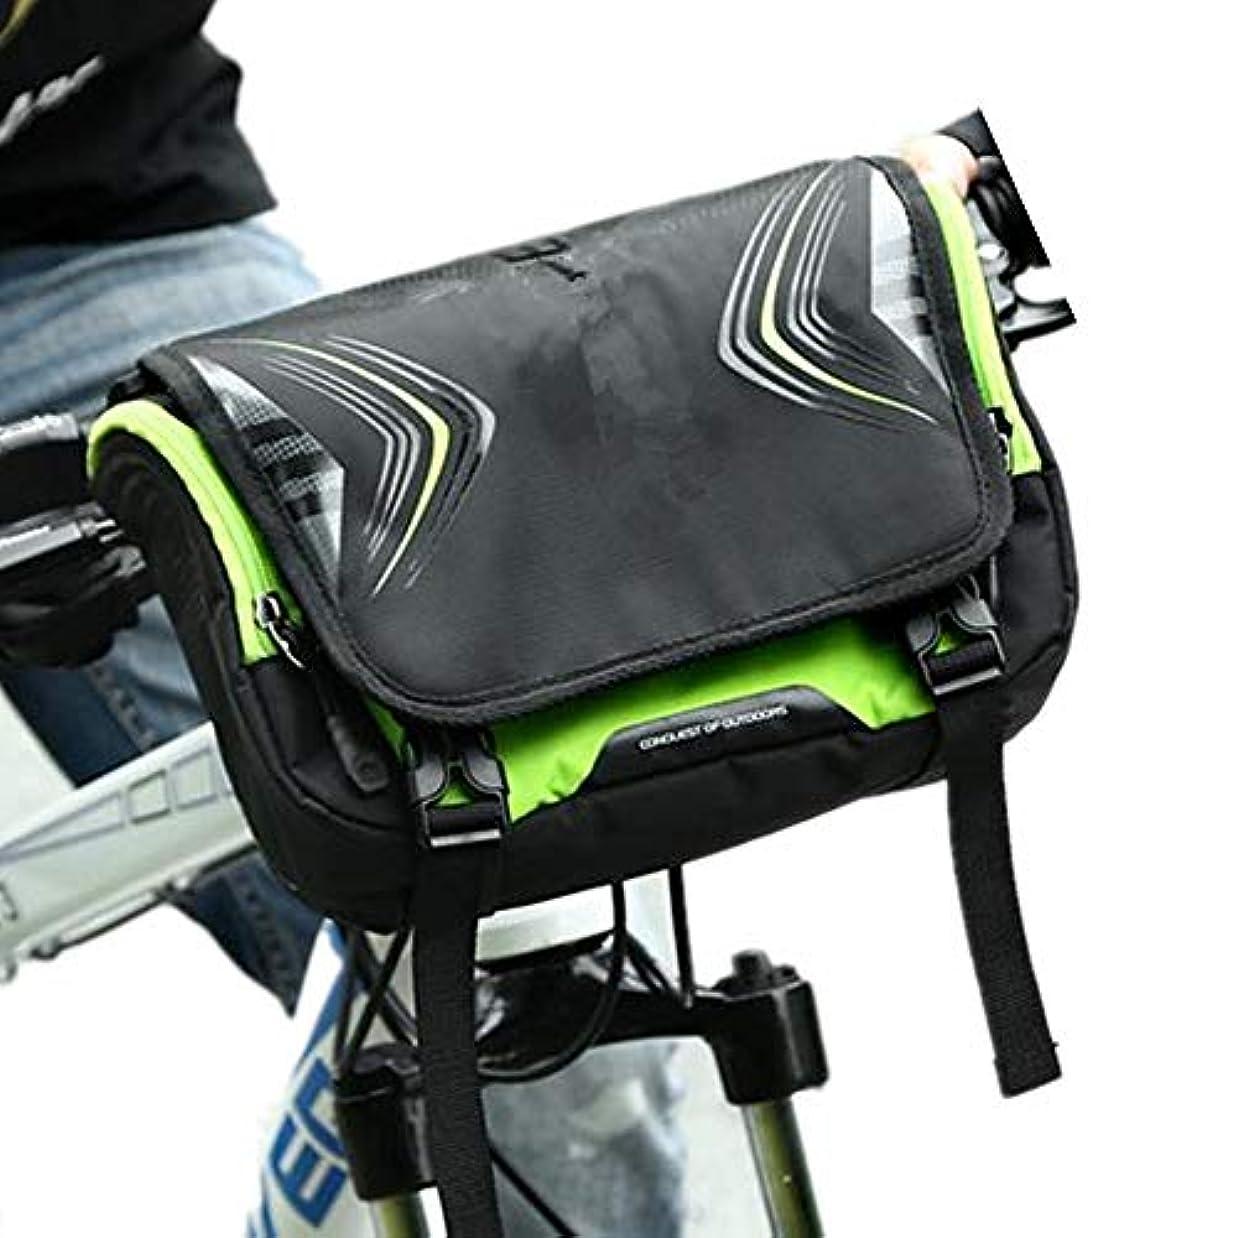 レルムコートましい防水マウンテンバイクフロントビームパッケージを増やす 坚しっかり大容量 (色 : 緑)